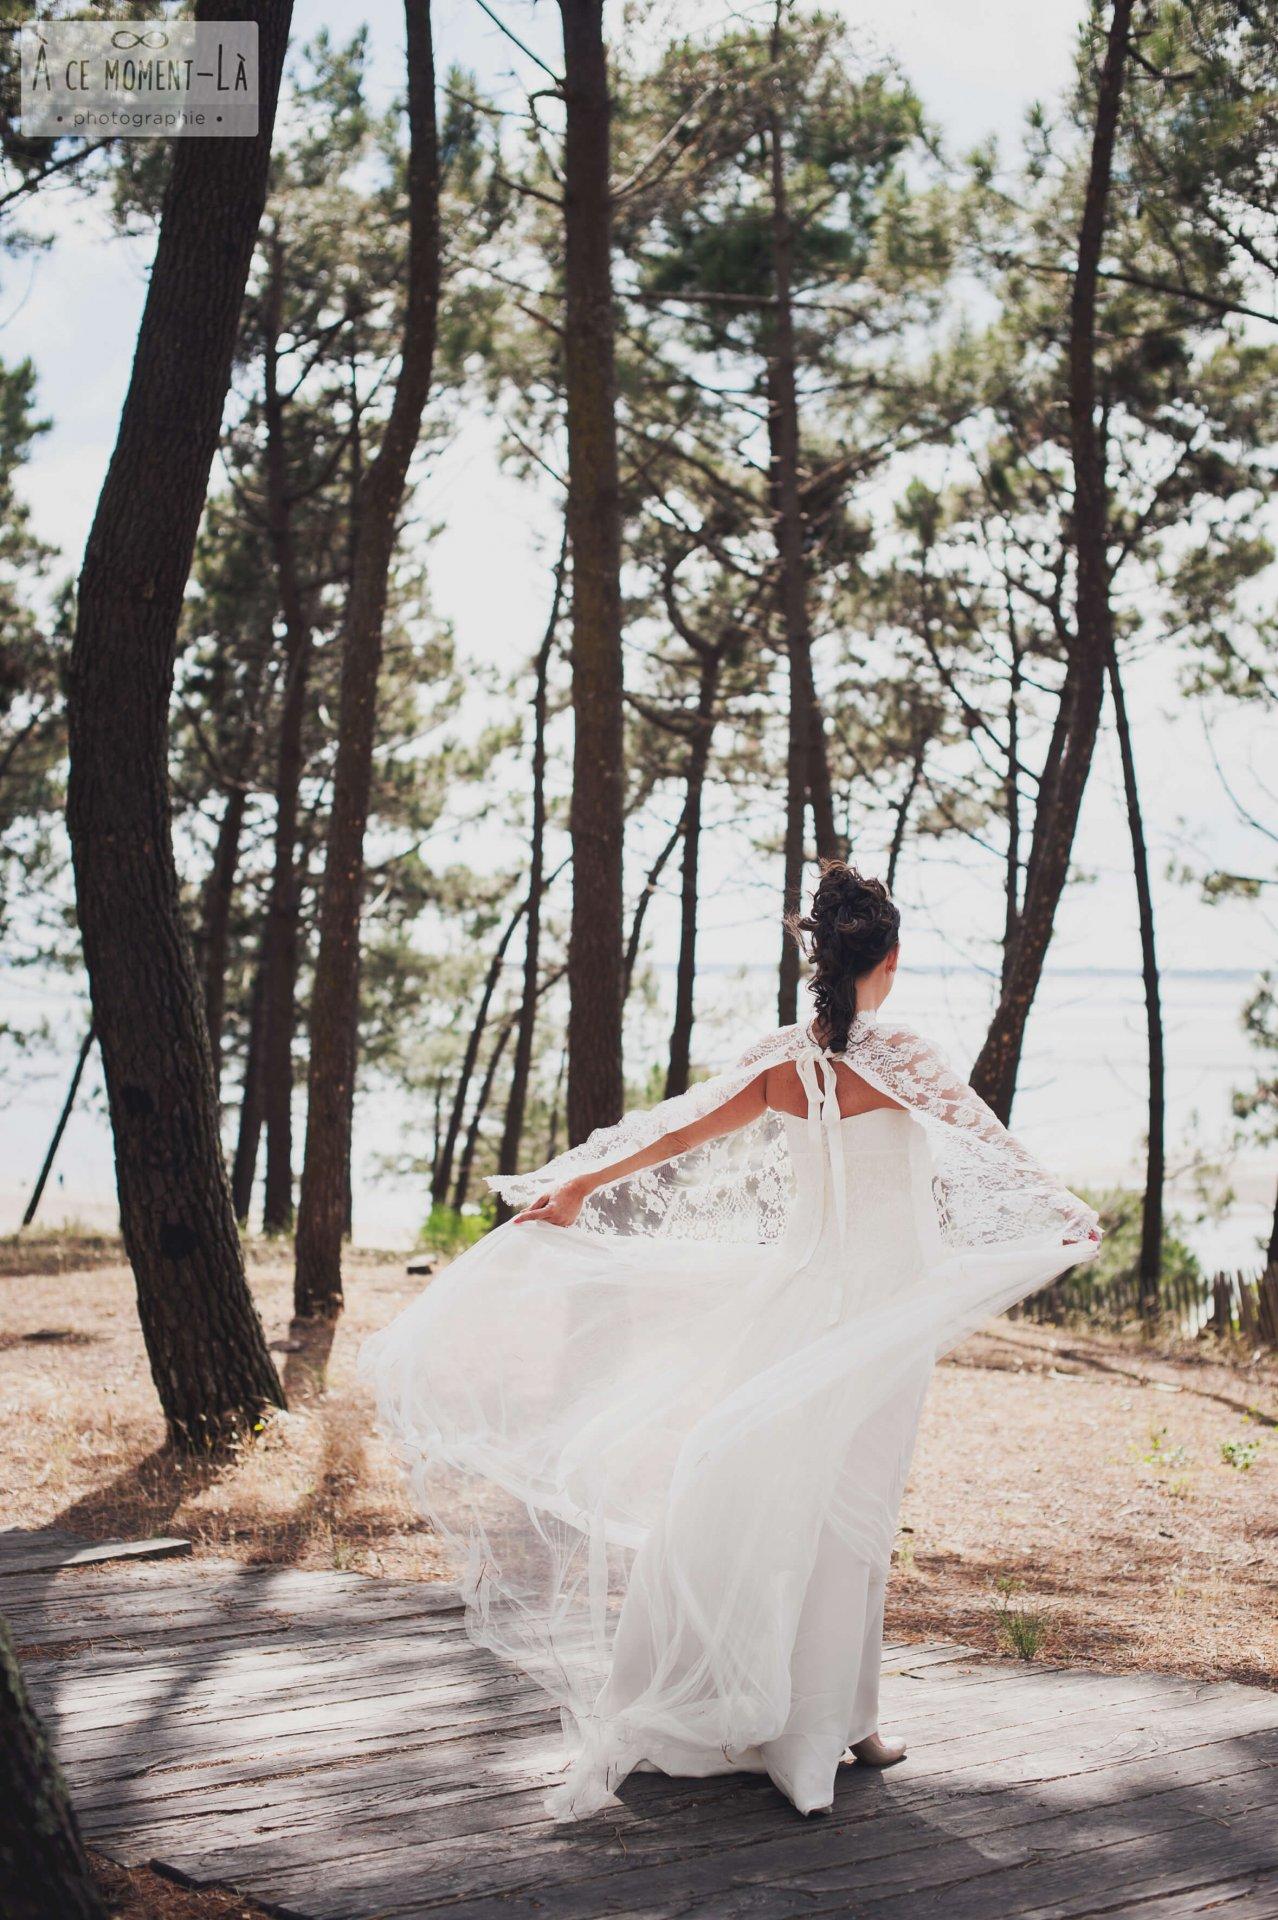 Mariage poétique au milieu des pins sur le Bassin d'Arcachon